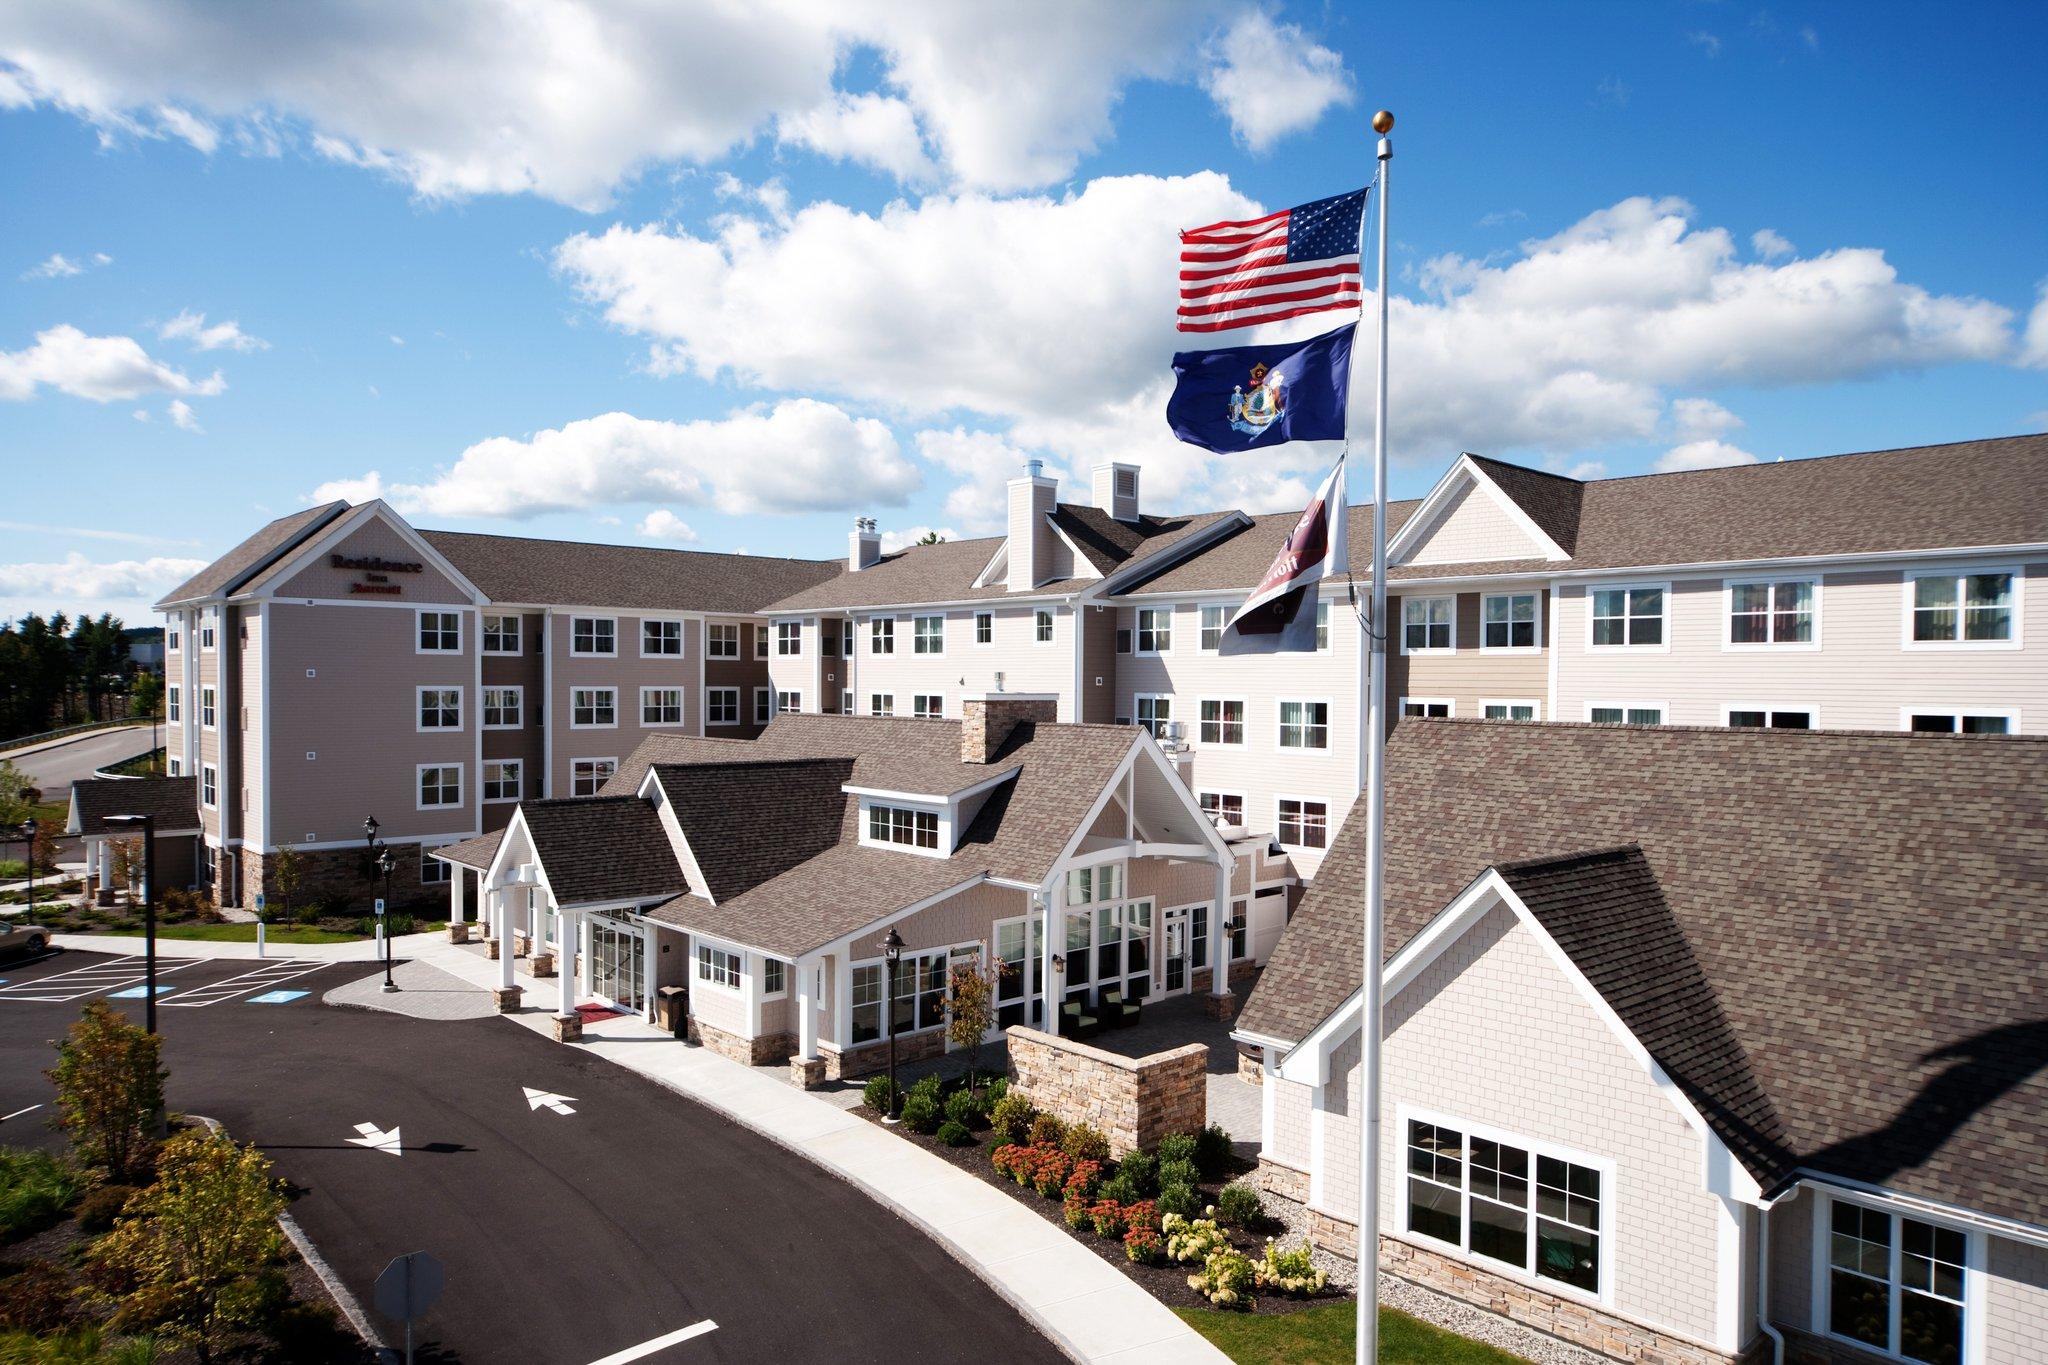 Residence Inn by Marriott, Auburn